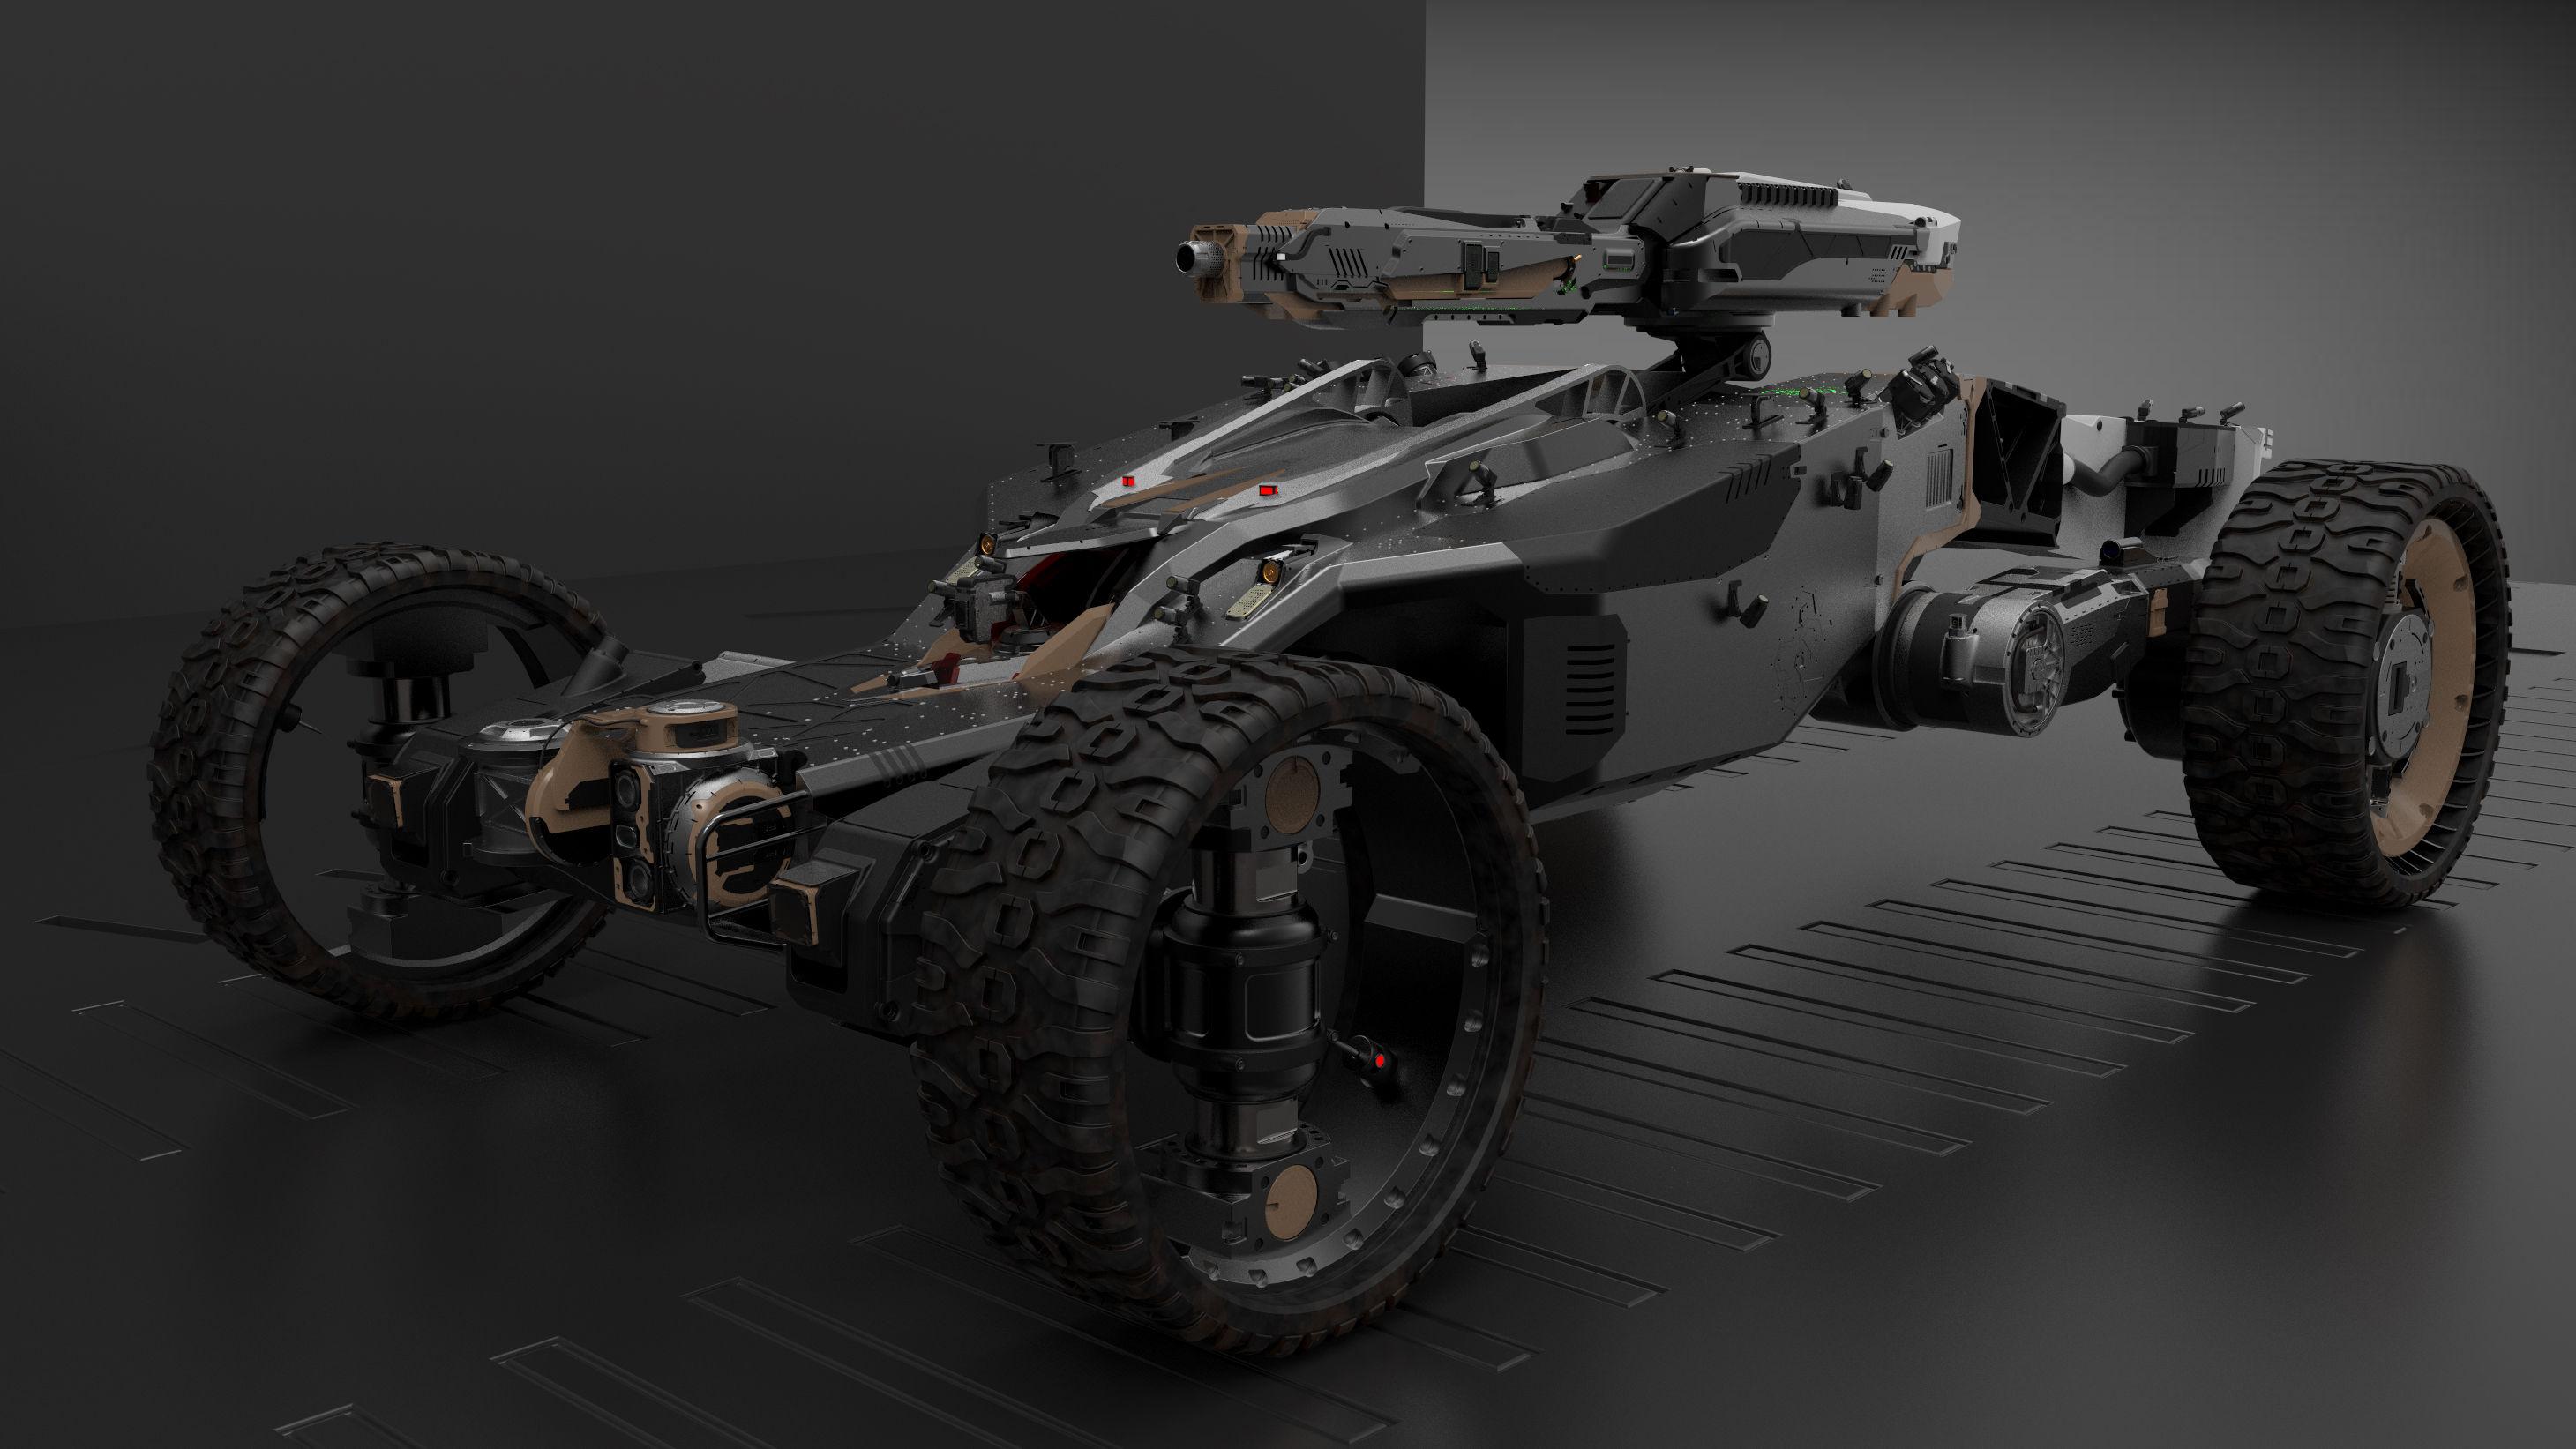 Keyshot-buggi-saigakjk-3500-3500